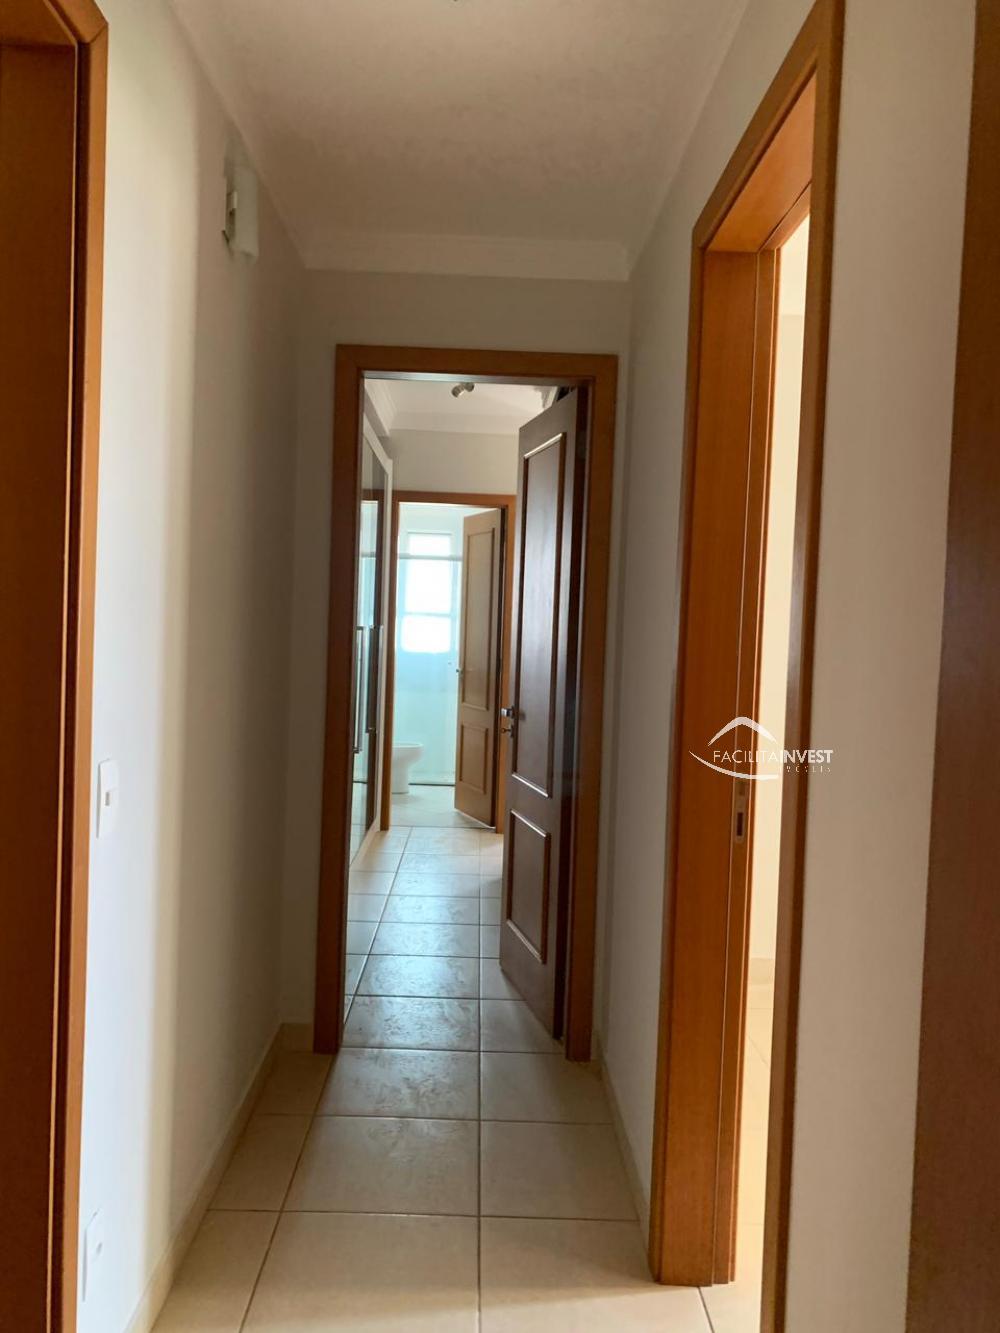 Alugar Apartamentos / Apart. Padrão em Ribeirão Preto R$ 2.800,00 - Foto 5